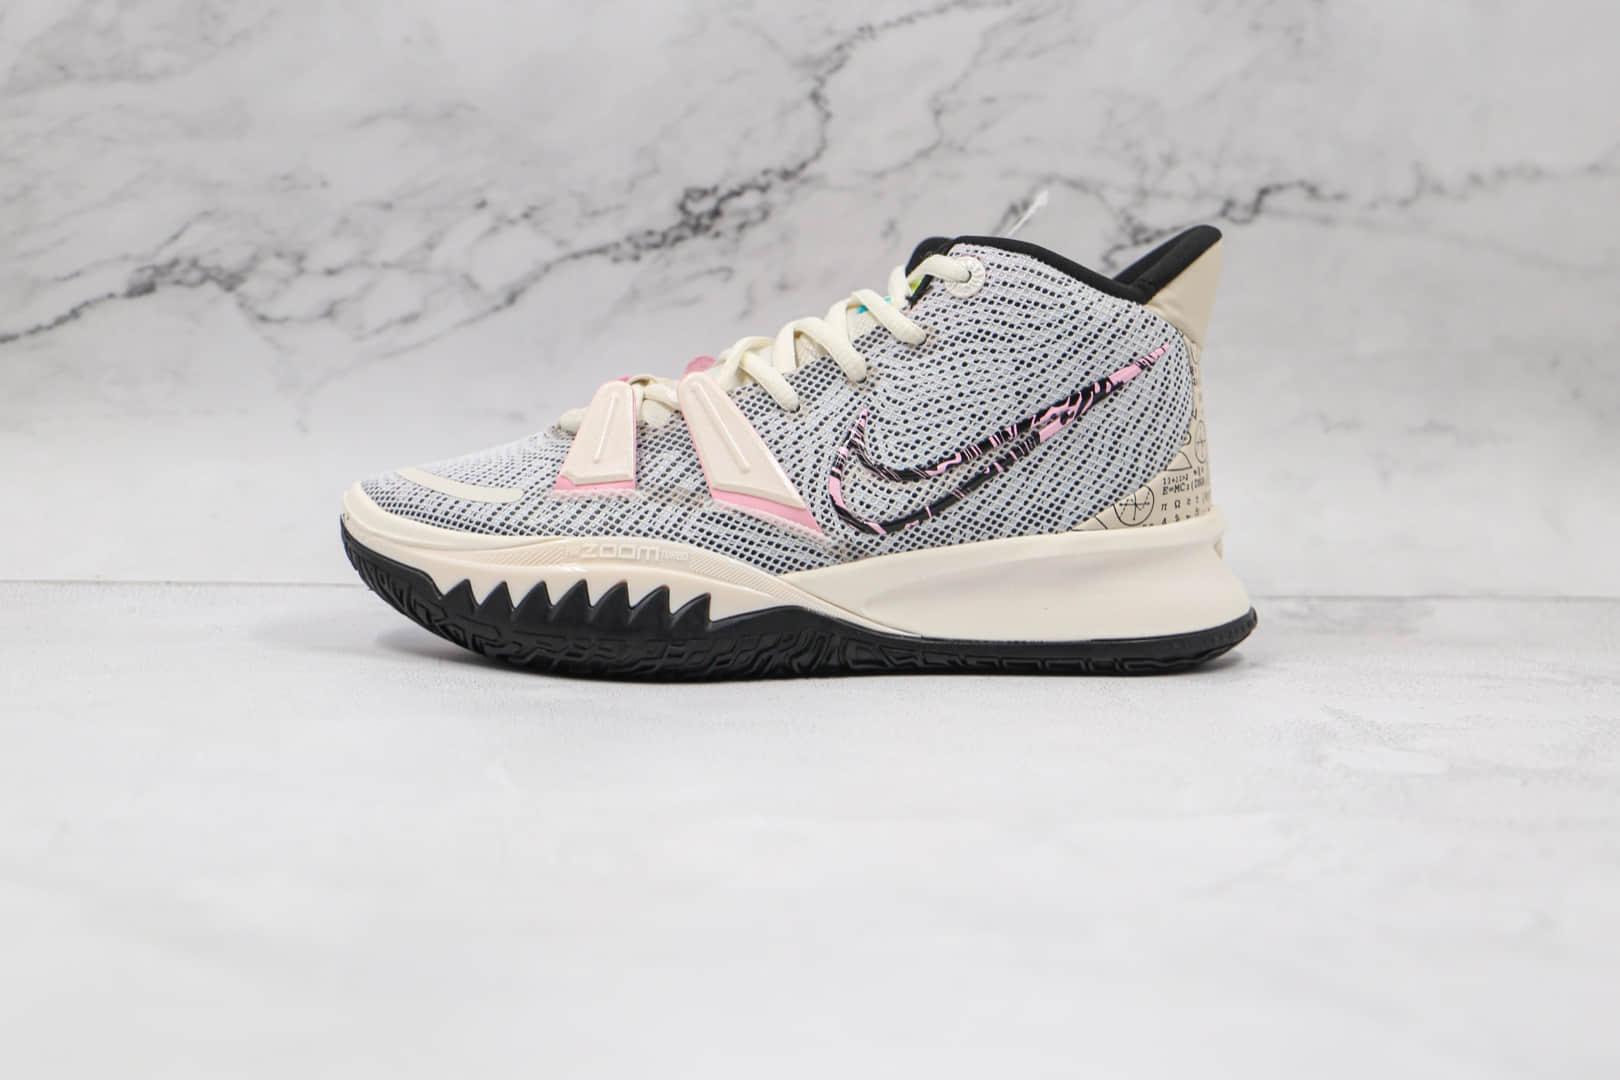 纯原版本耐克欧文7代白粉蓝色实战篮球鞋出货